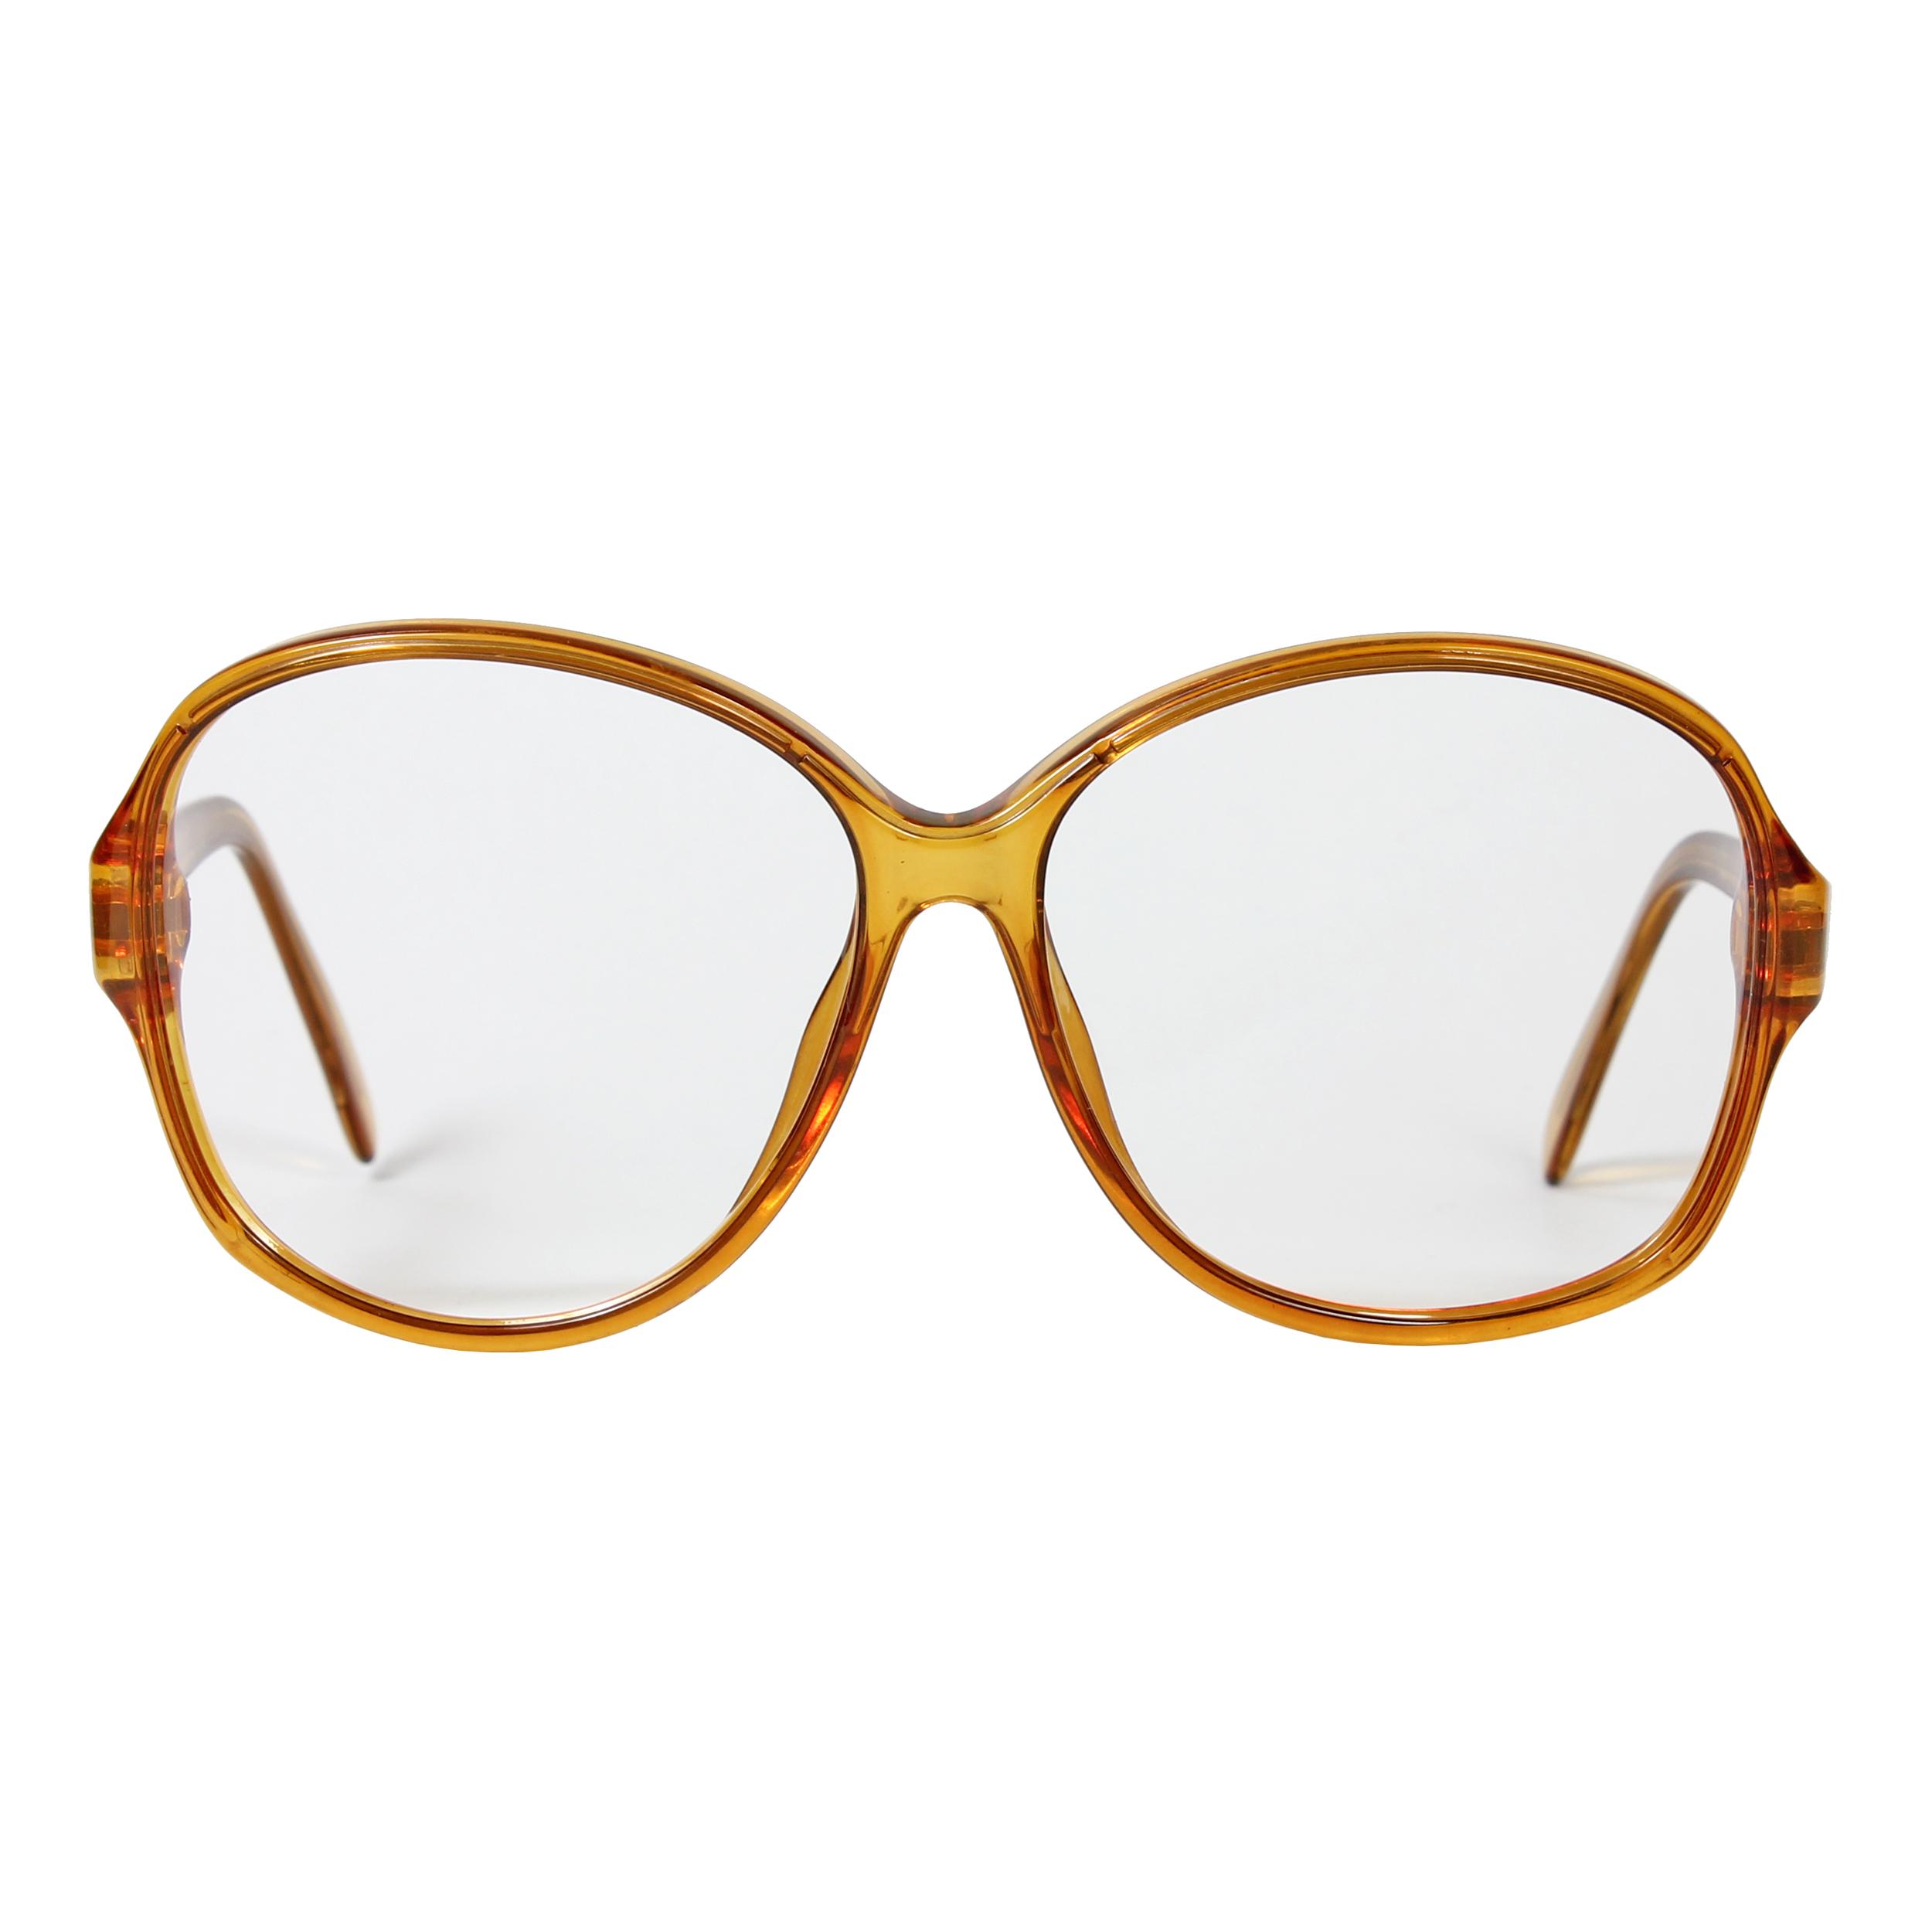 فریم عینک طبی مینوس مدل 3069